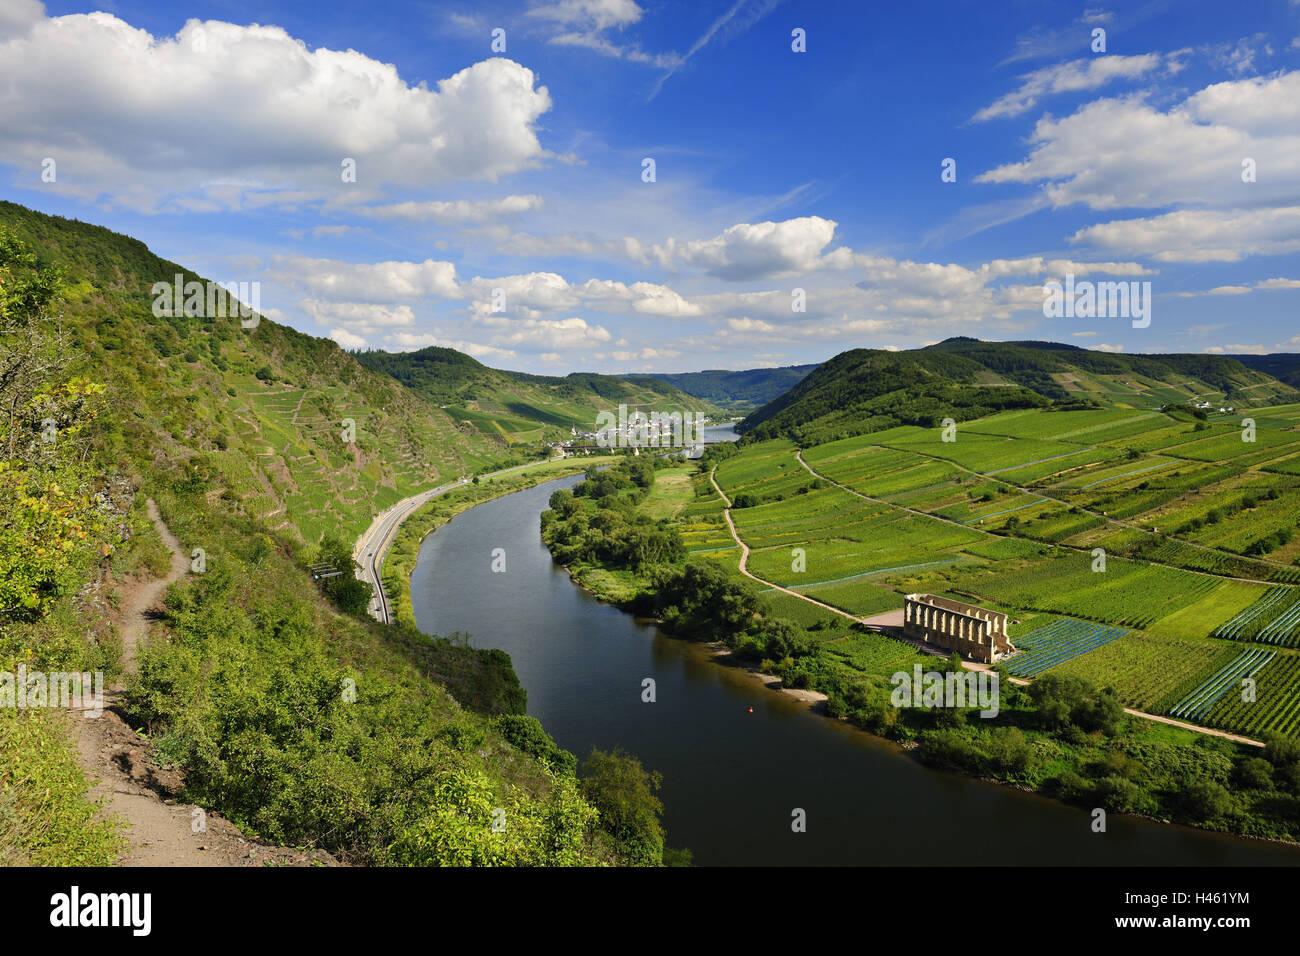 Klettersteig Pfalz : Deutschland rheinland pfalz bremm calmont klettersteig